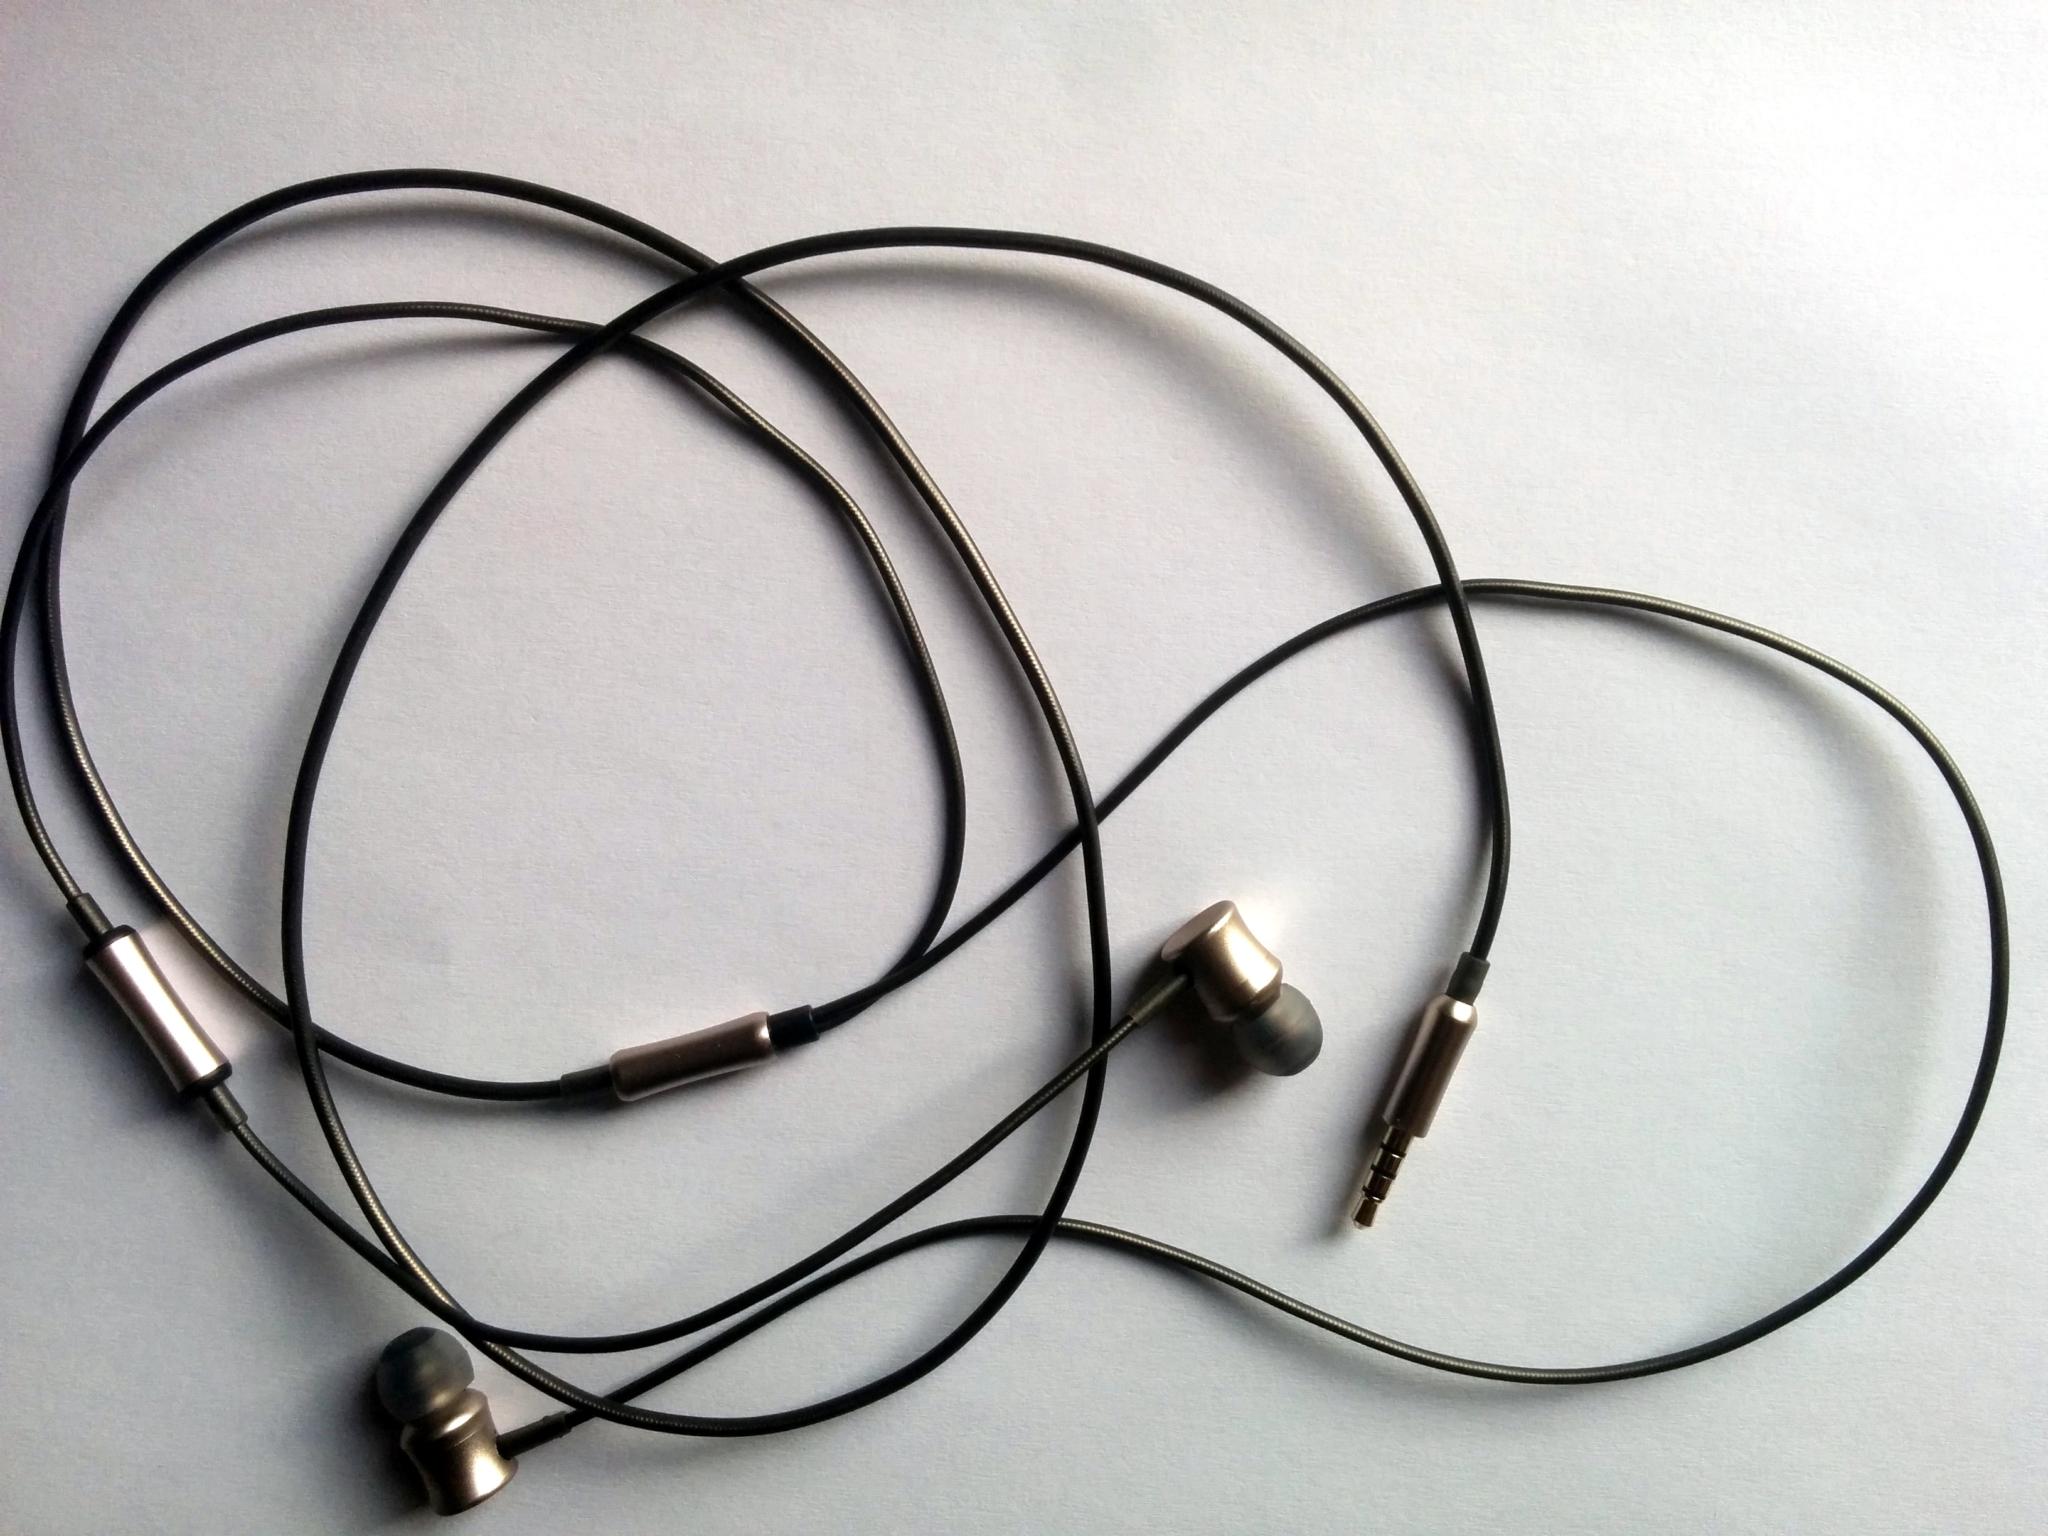 Meze 11 Neo – Pohodová sluchátka do uší [recenze]